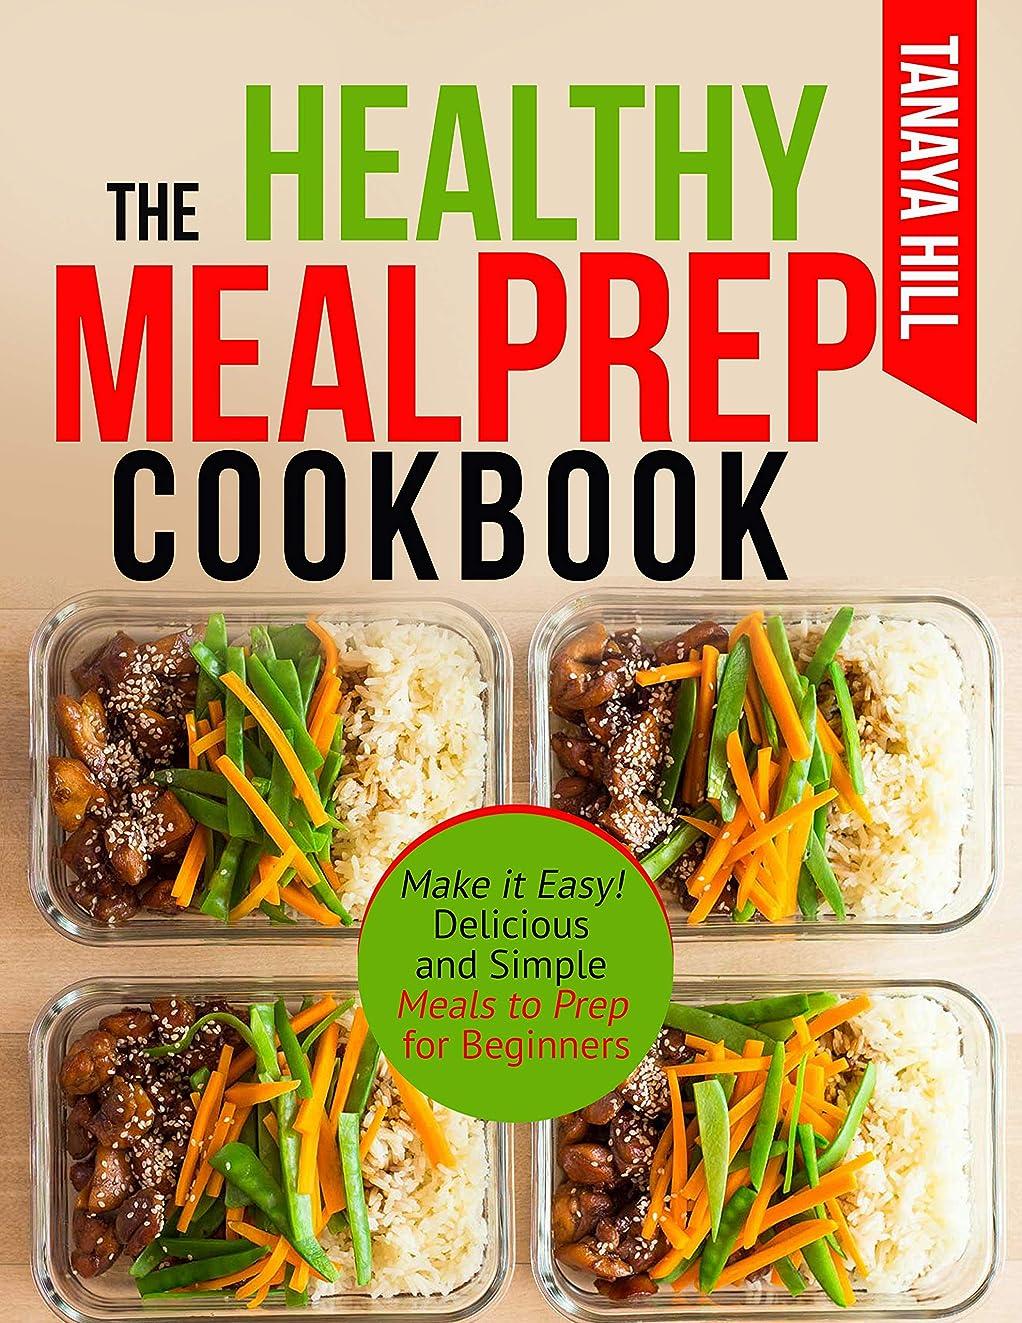 適格サイドボード極地The Healthy Meal Prep Cookbook: Make it Easy! Delicious and Simple Meals to Prep for Beginners. (English Edition)